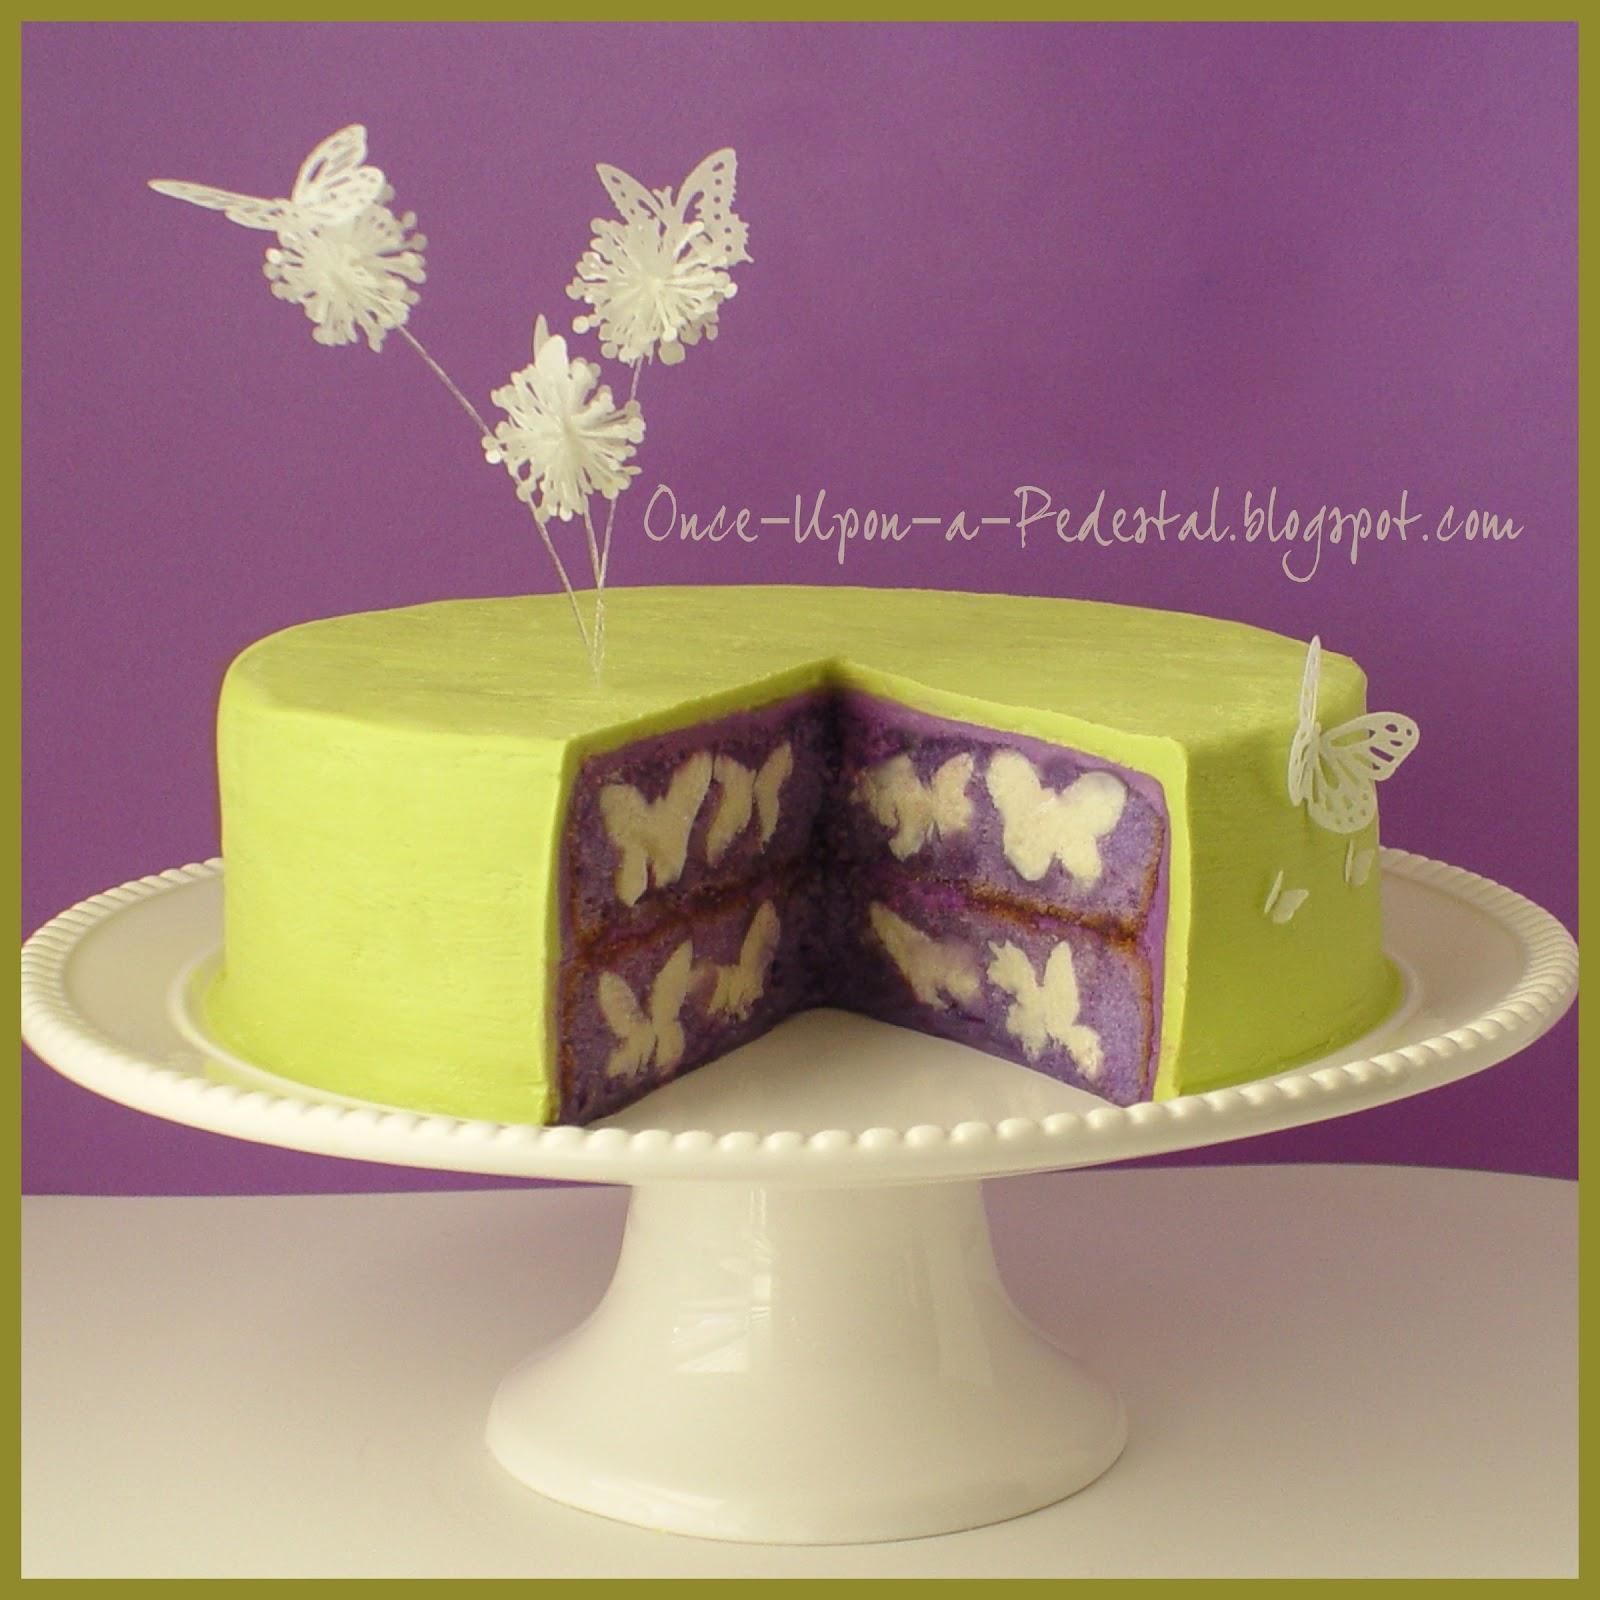 Hidden Design Cake Ideas : Once Upon A Pedestal: Surprise Inside Cake - Hidden ...